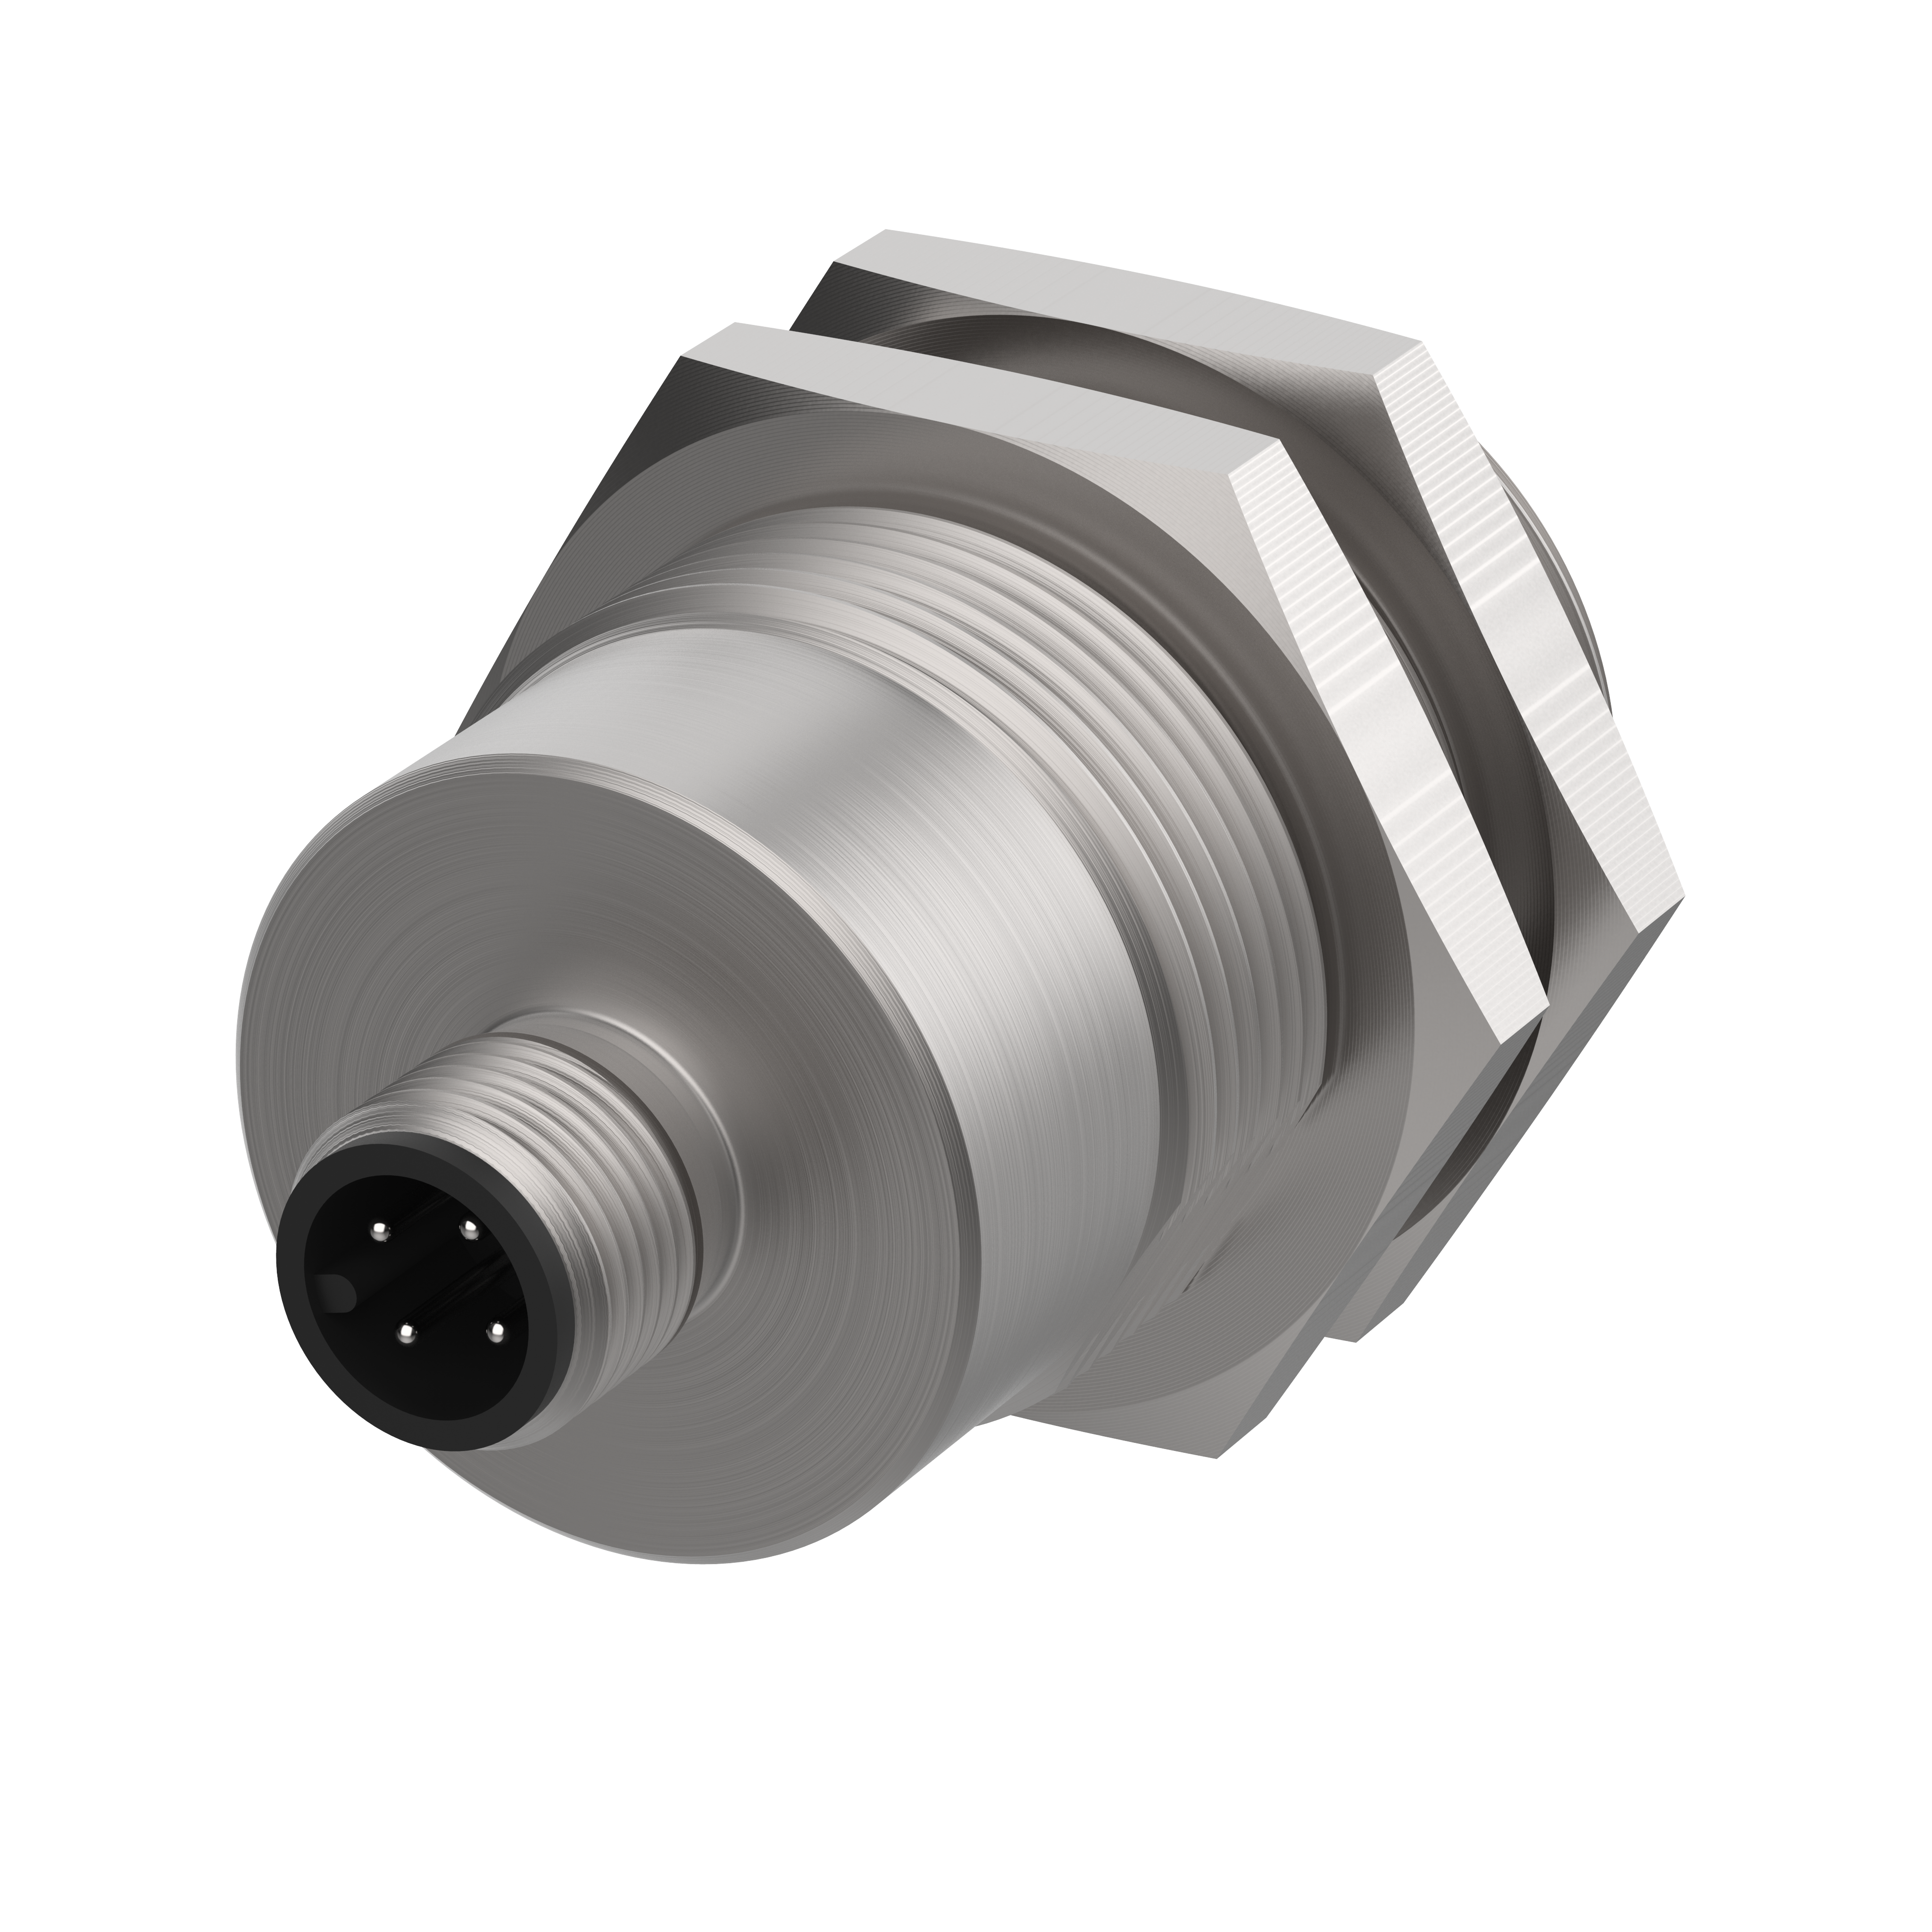 Sicherheitssensor - 171271VY03 - magnetisch betätigt - Schließer/Öffner,  Einbaustecker M12